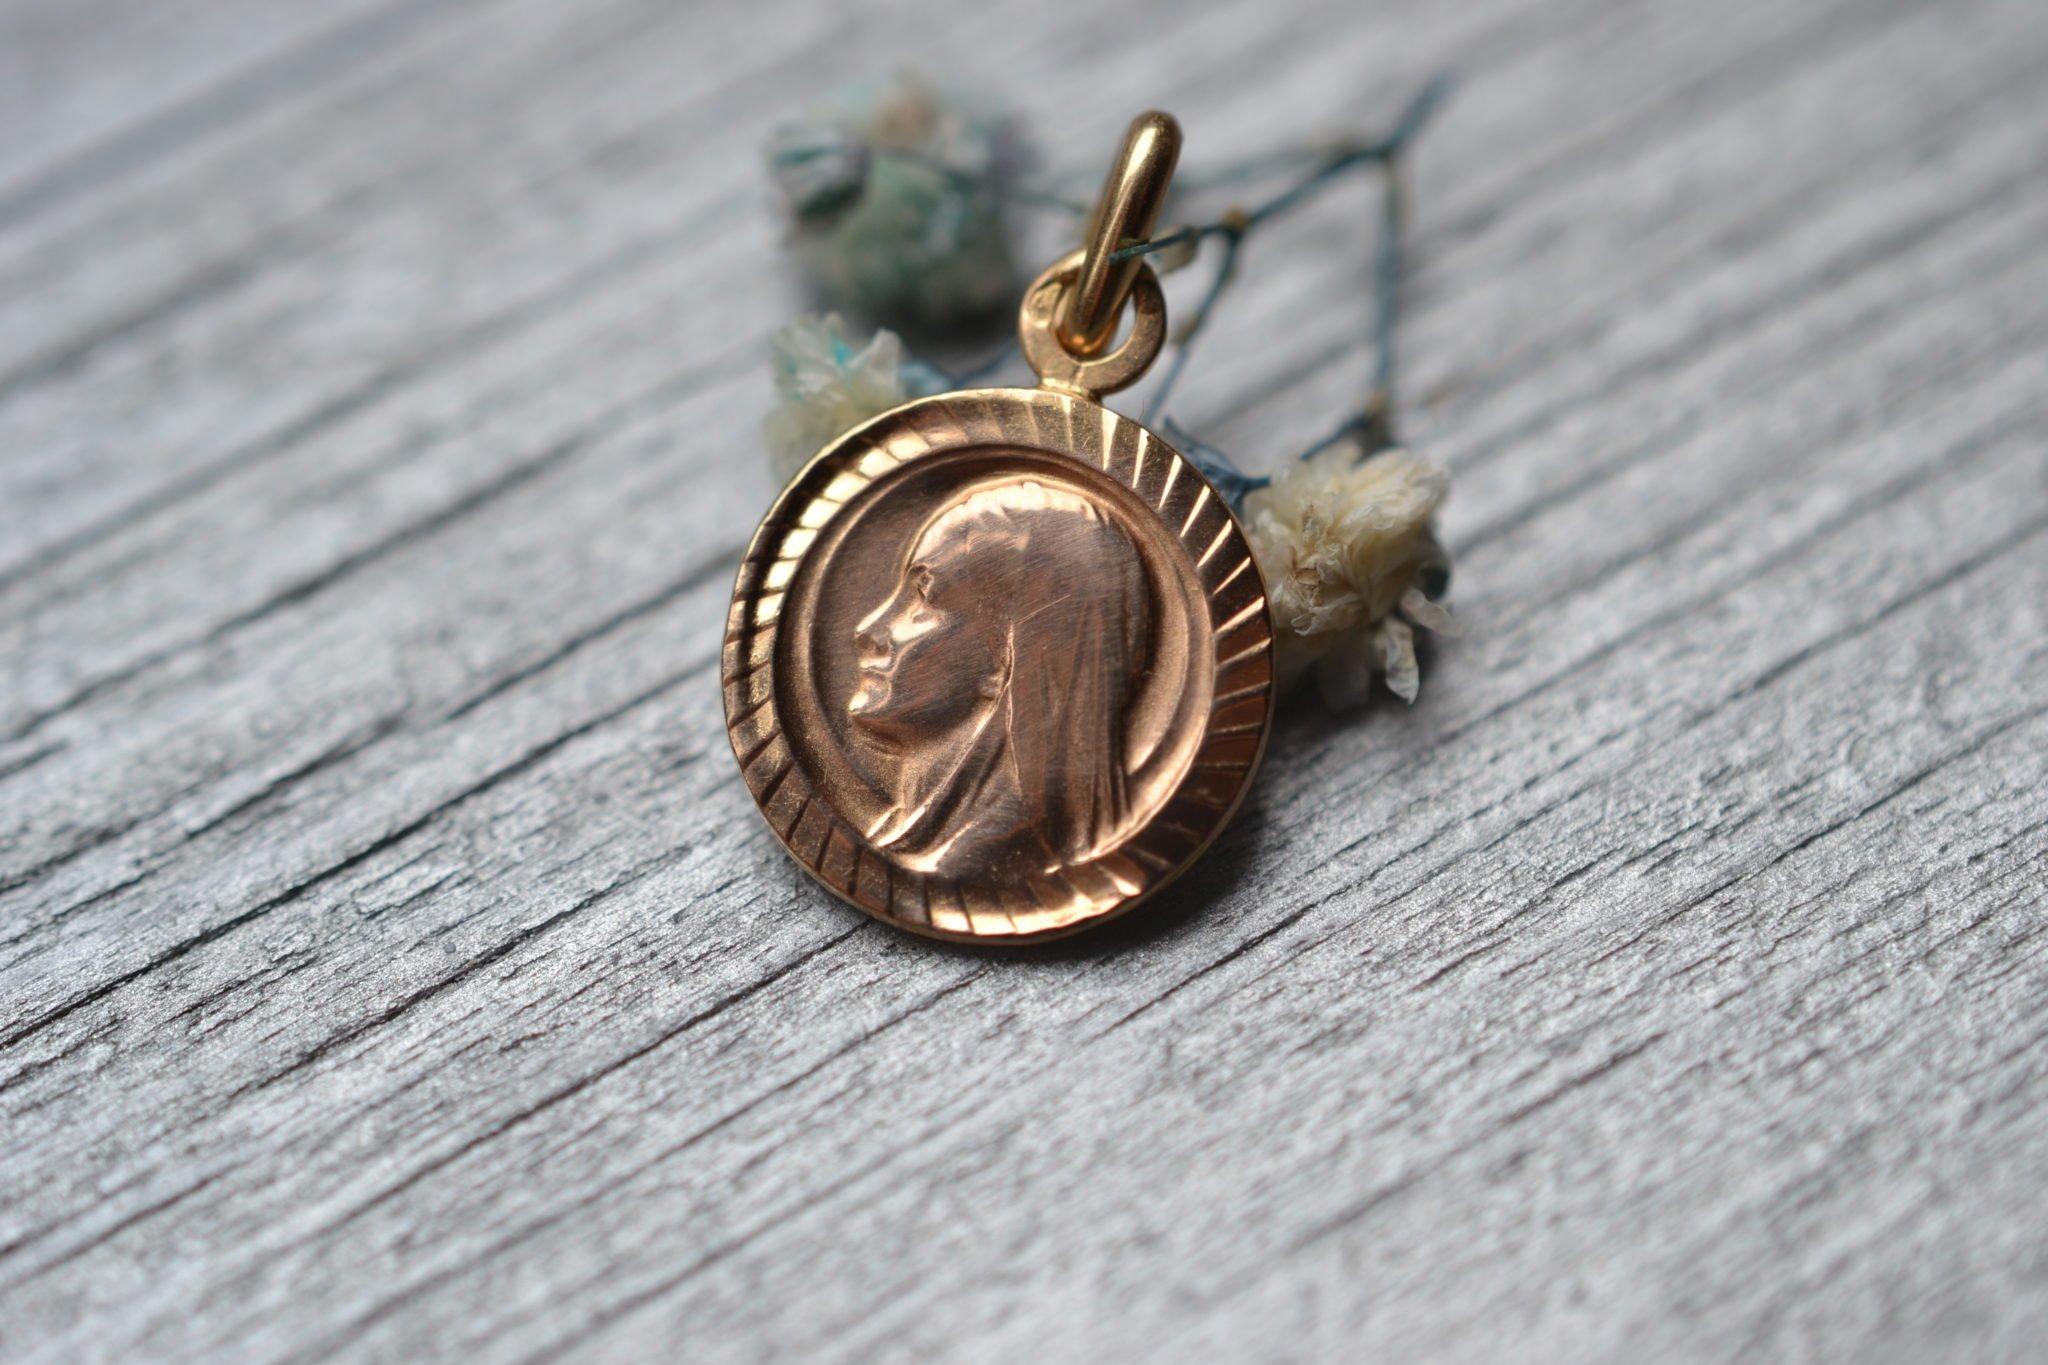 Médaille De La Vierge De Profil - Bijou Ancien Baptème Communion Religieux - En Or 18 Carats - Bijou Vintage Ethique